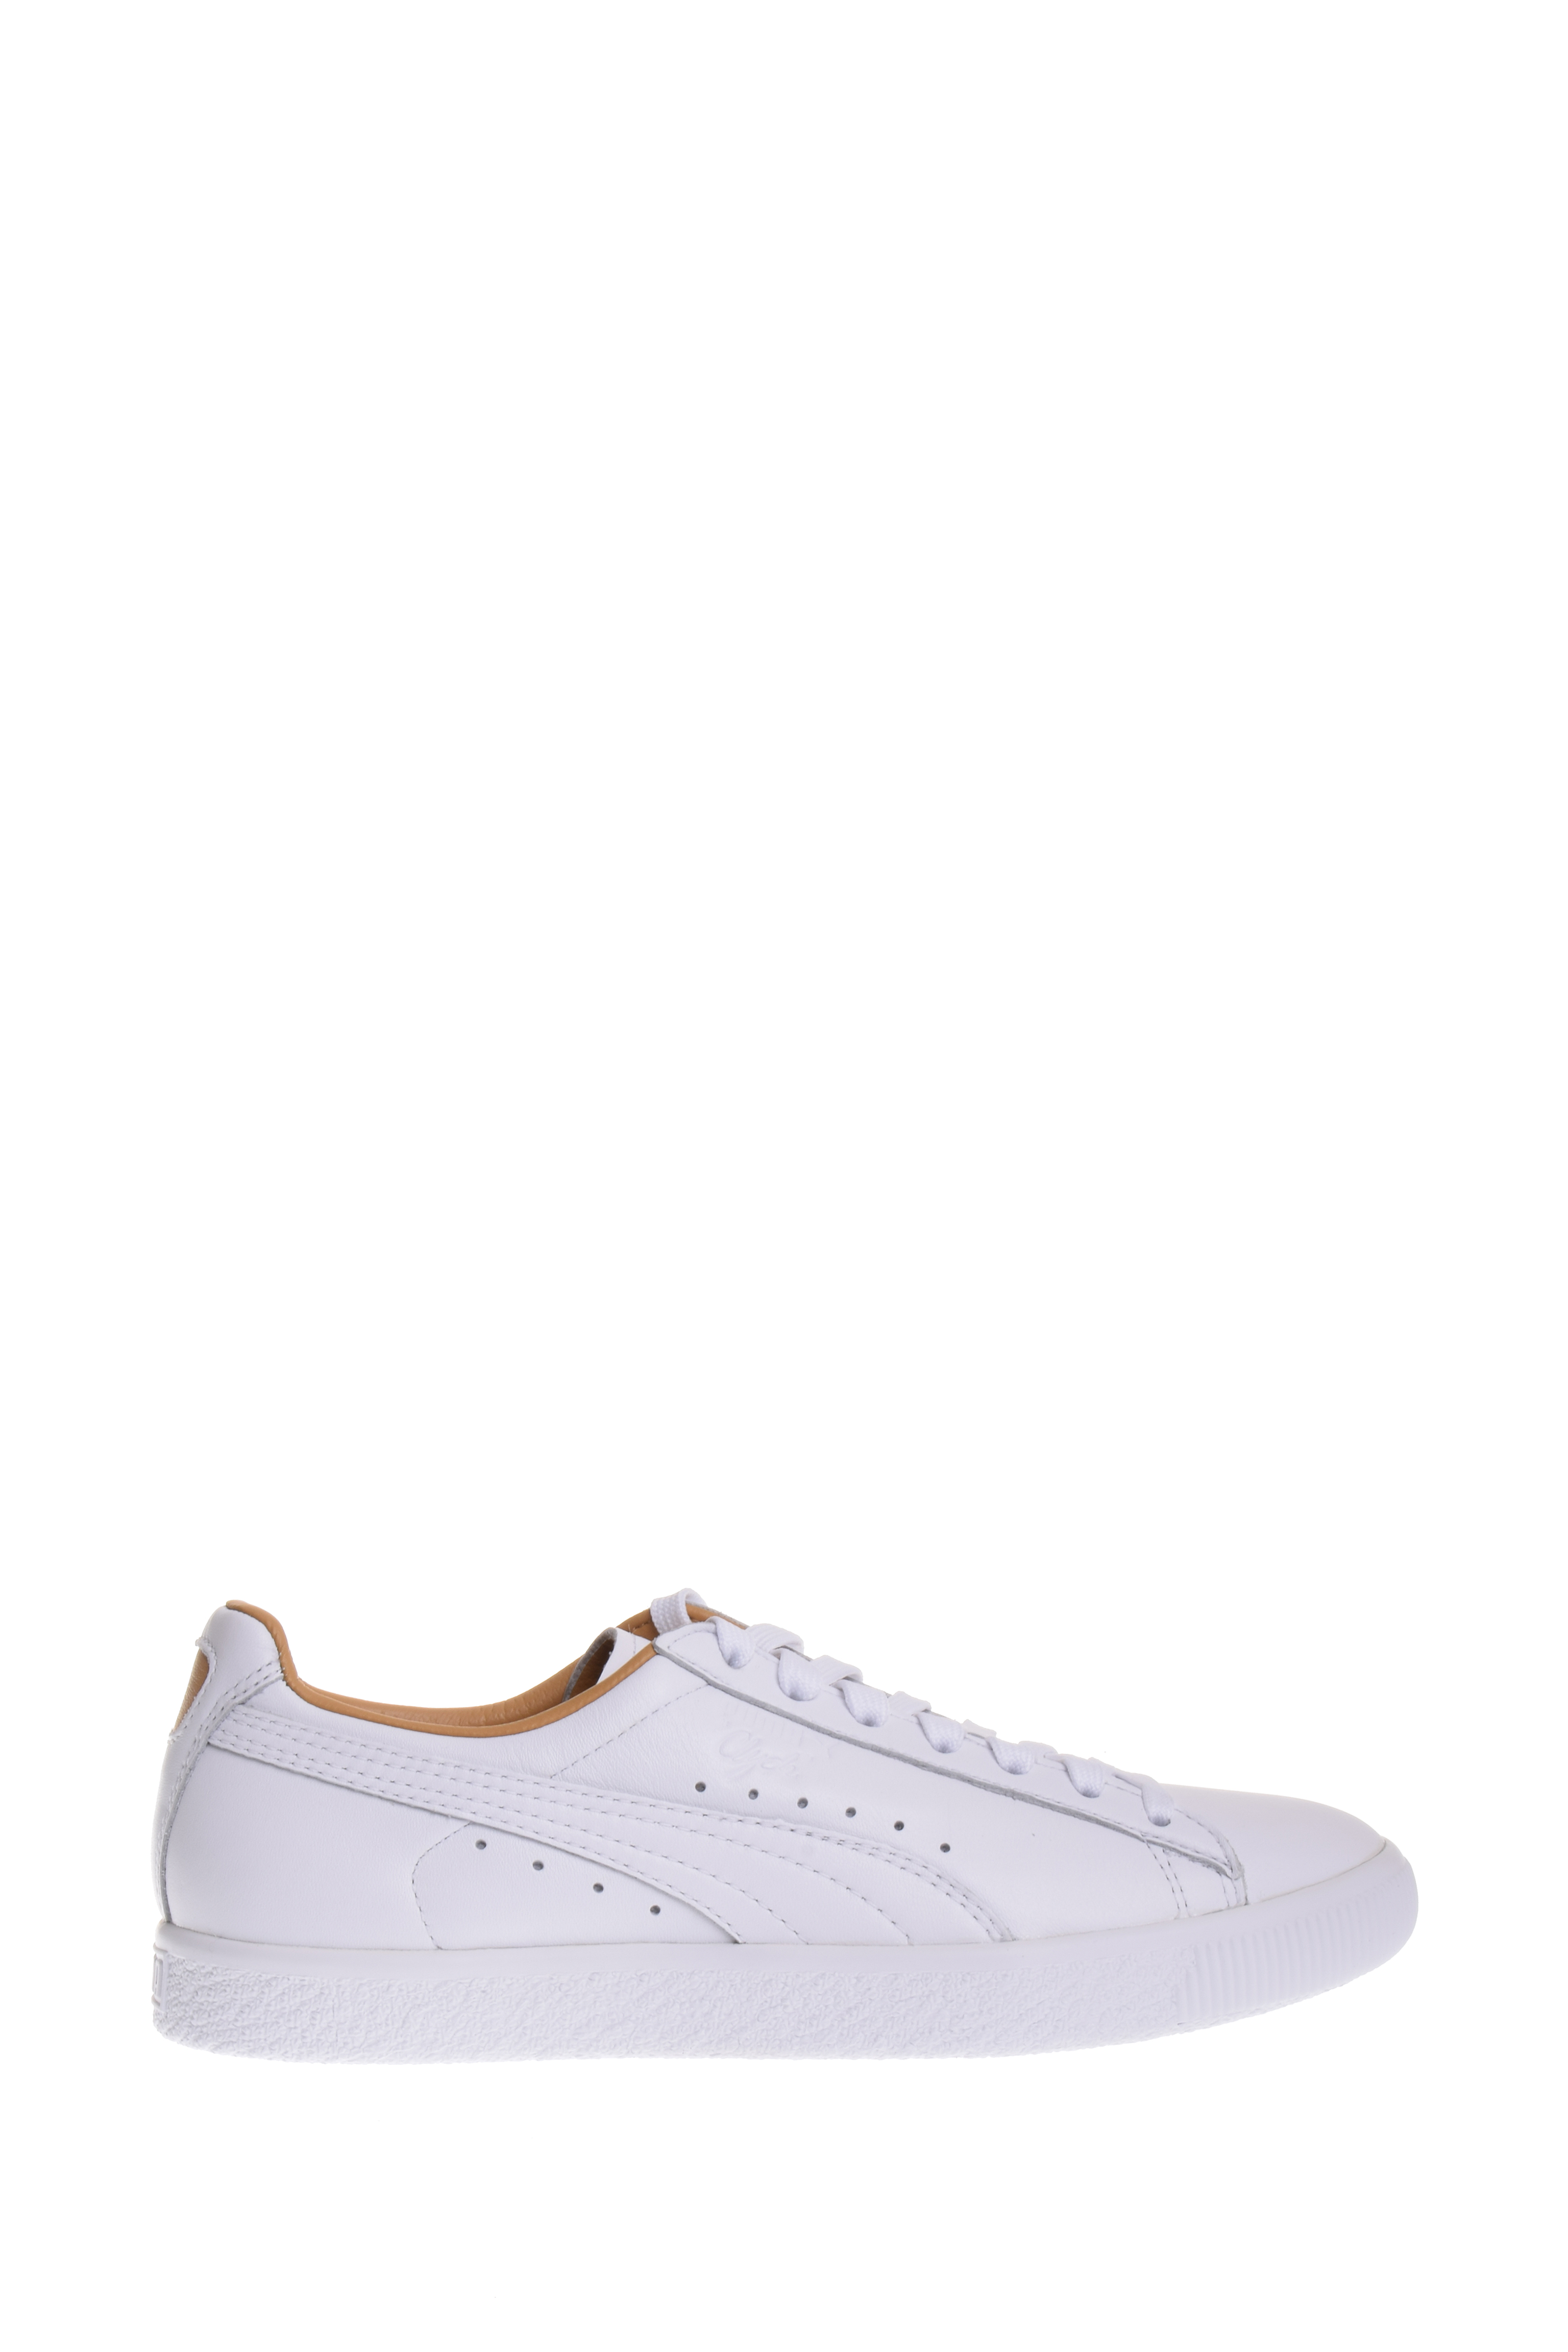 4e7840c074a PUMA - Puma Clyde Core Leather Women s Shoes Puma White Taffy 365876-02 (9 B(M)  US) - Walmart.com